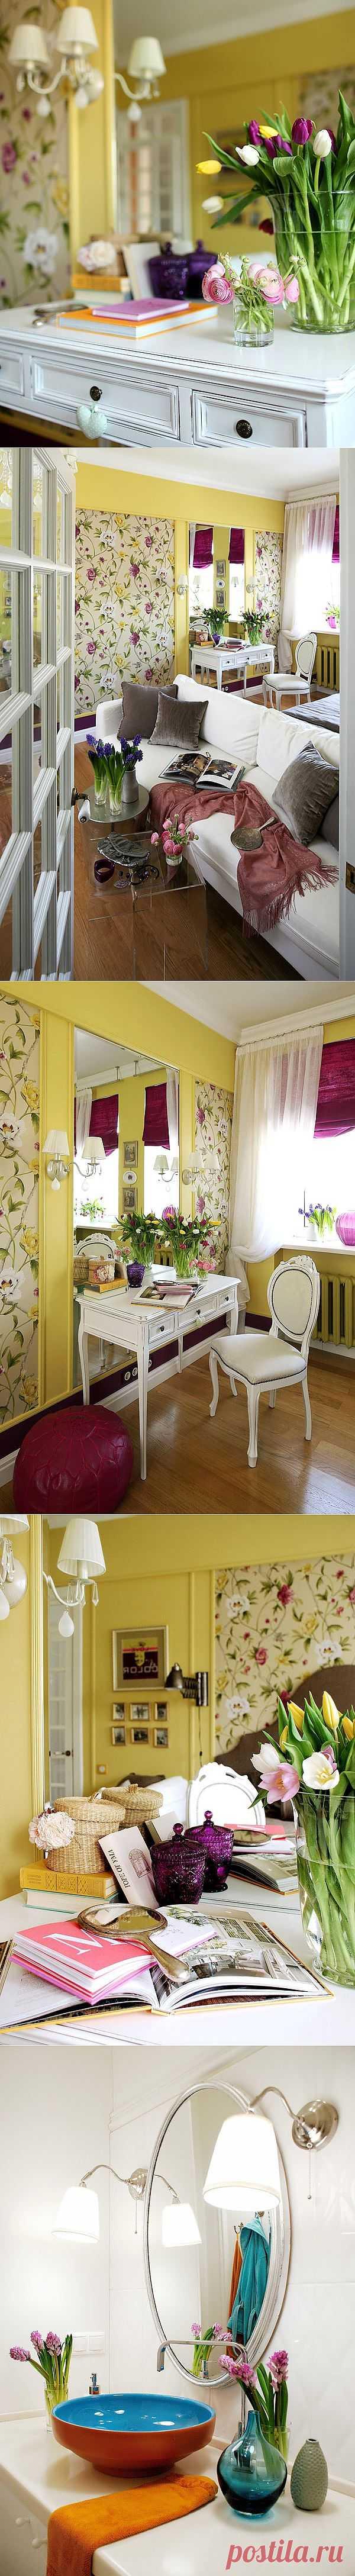 Дизайн интерьера квартиры от Галины Юрьевой   Фотографии красивых интерьеров